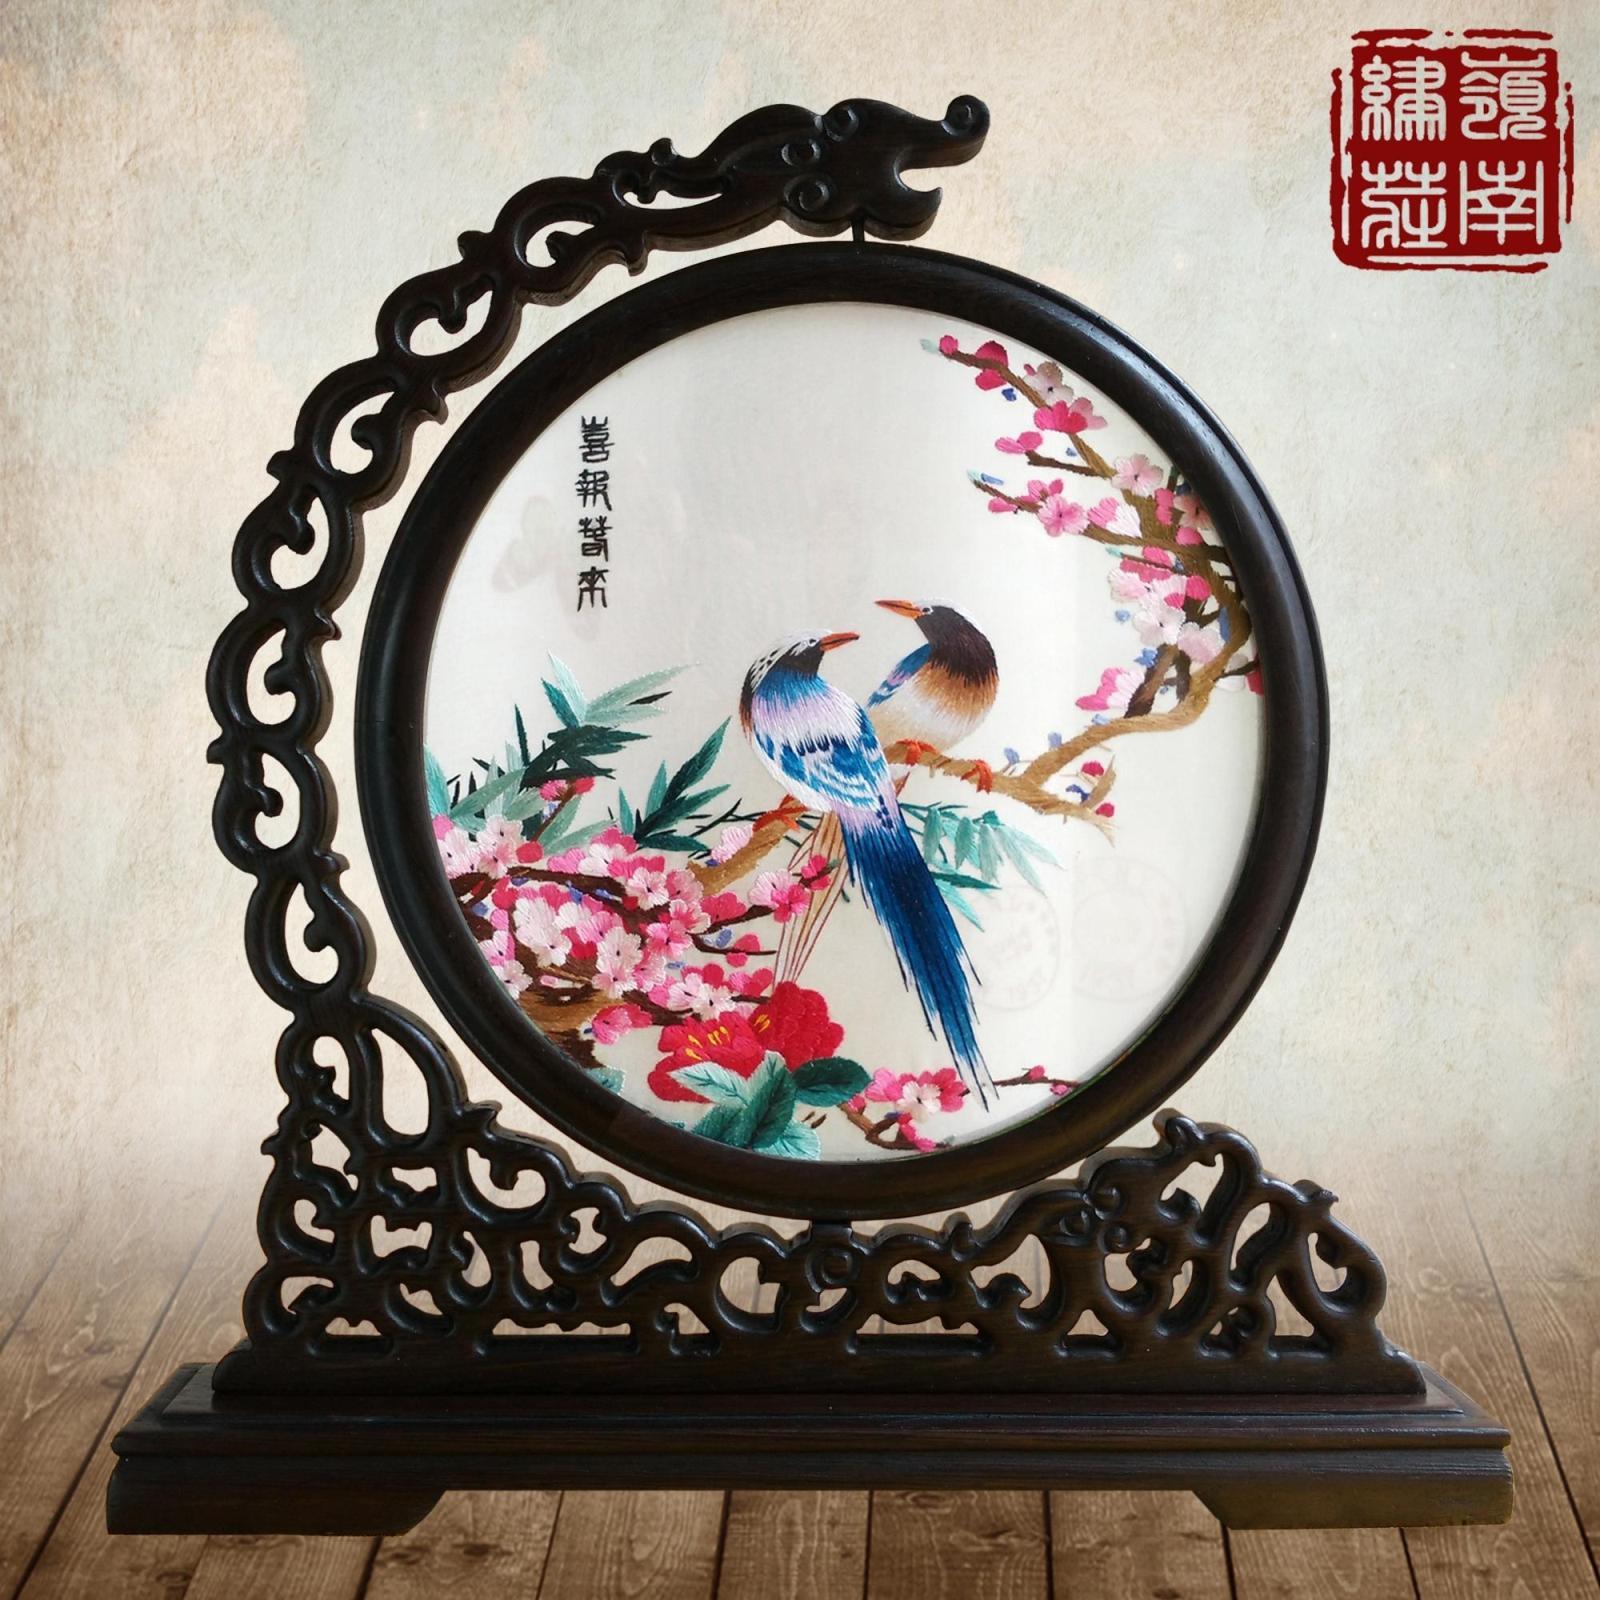 Волна вышивать широкий вышивать провинция гуандун вышивать исключительно вручную вышивка вводить партнер декоративный бизнес выйти замуж творческий домой семья украшение